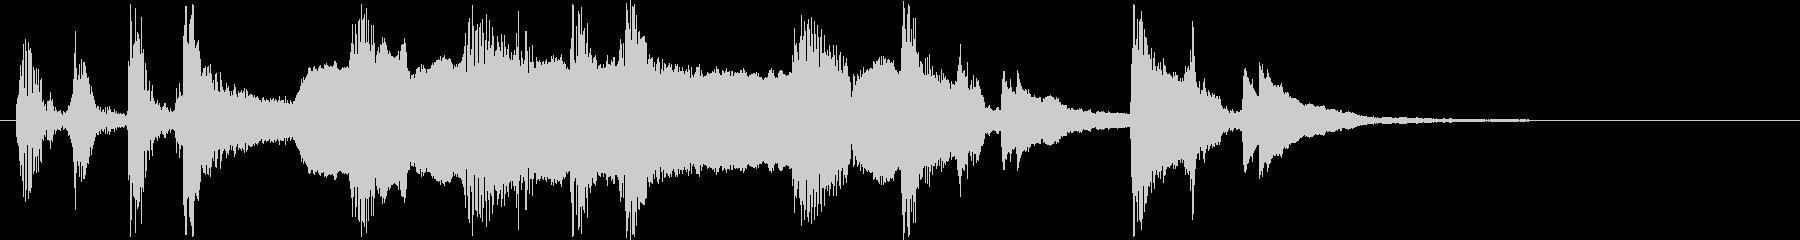 ファンタジーなピアノと笛のサウンドの未再生の波形